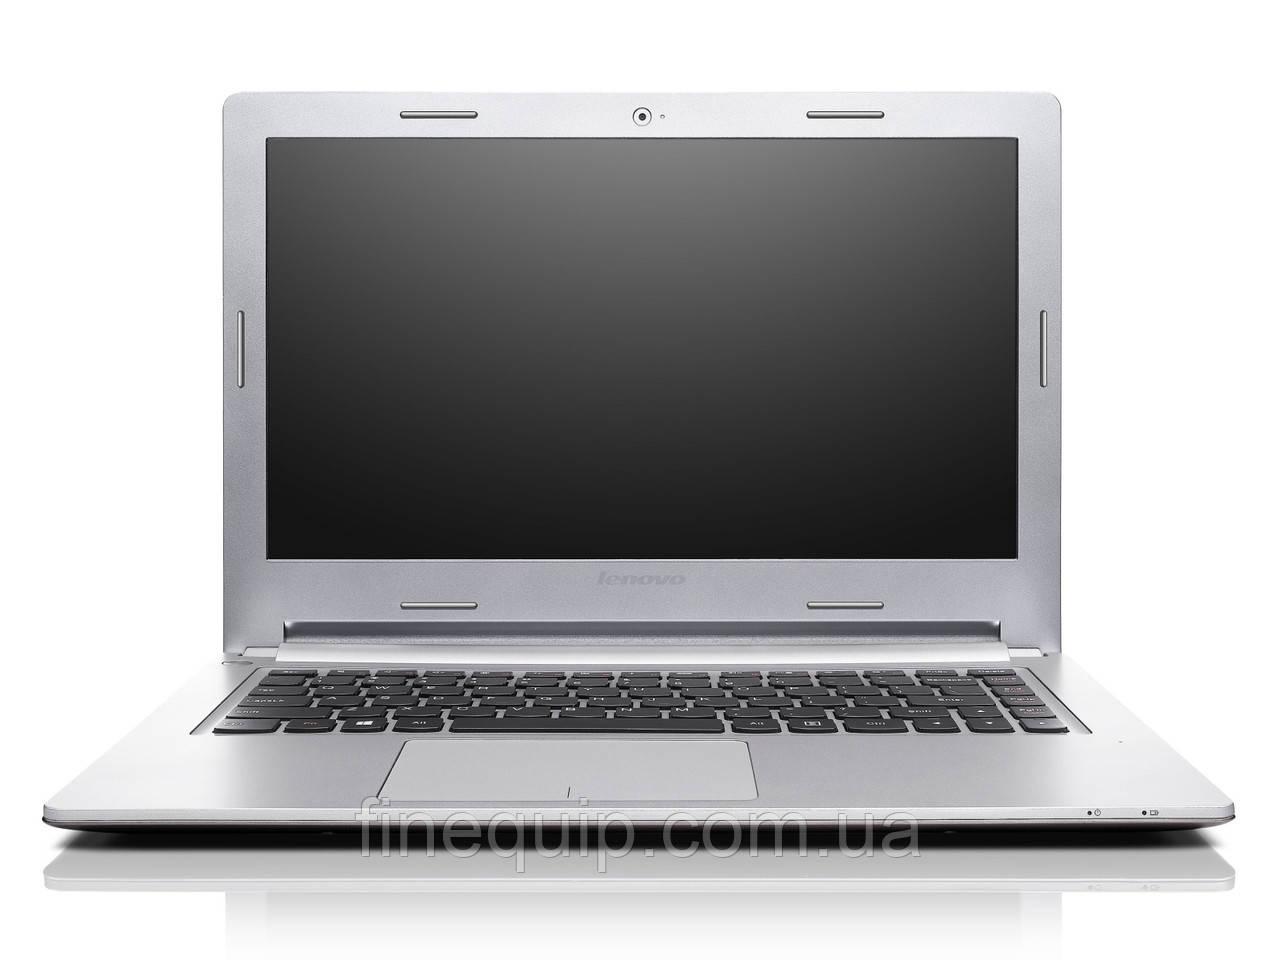 Ноутбук Lenovo ThinkPad M30-70-Intel Core i5-4210U-1.70GHz-4Gb-DDR3-HDD-320Gb-HDD-W13.3-Web-(B-)- Б/В